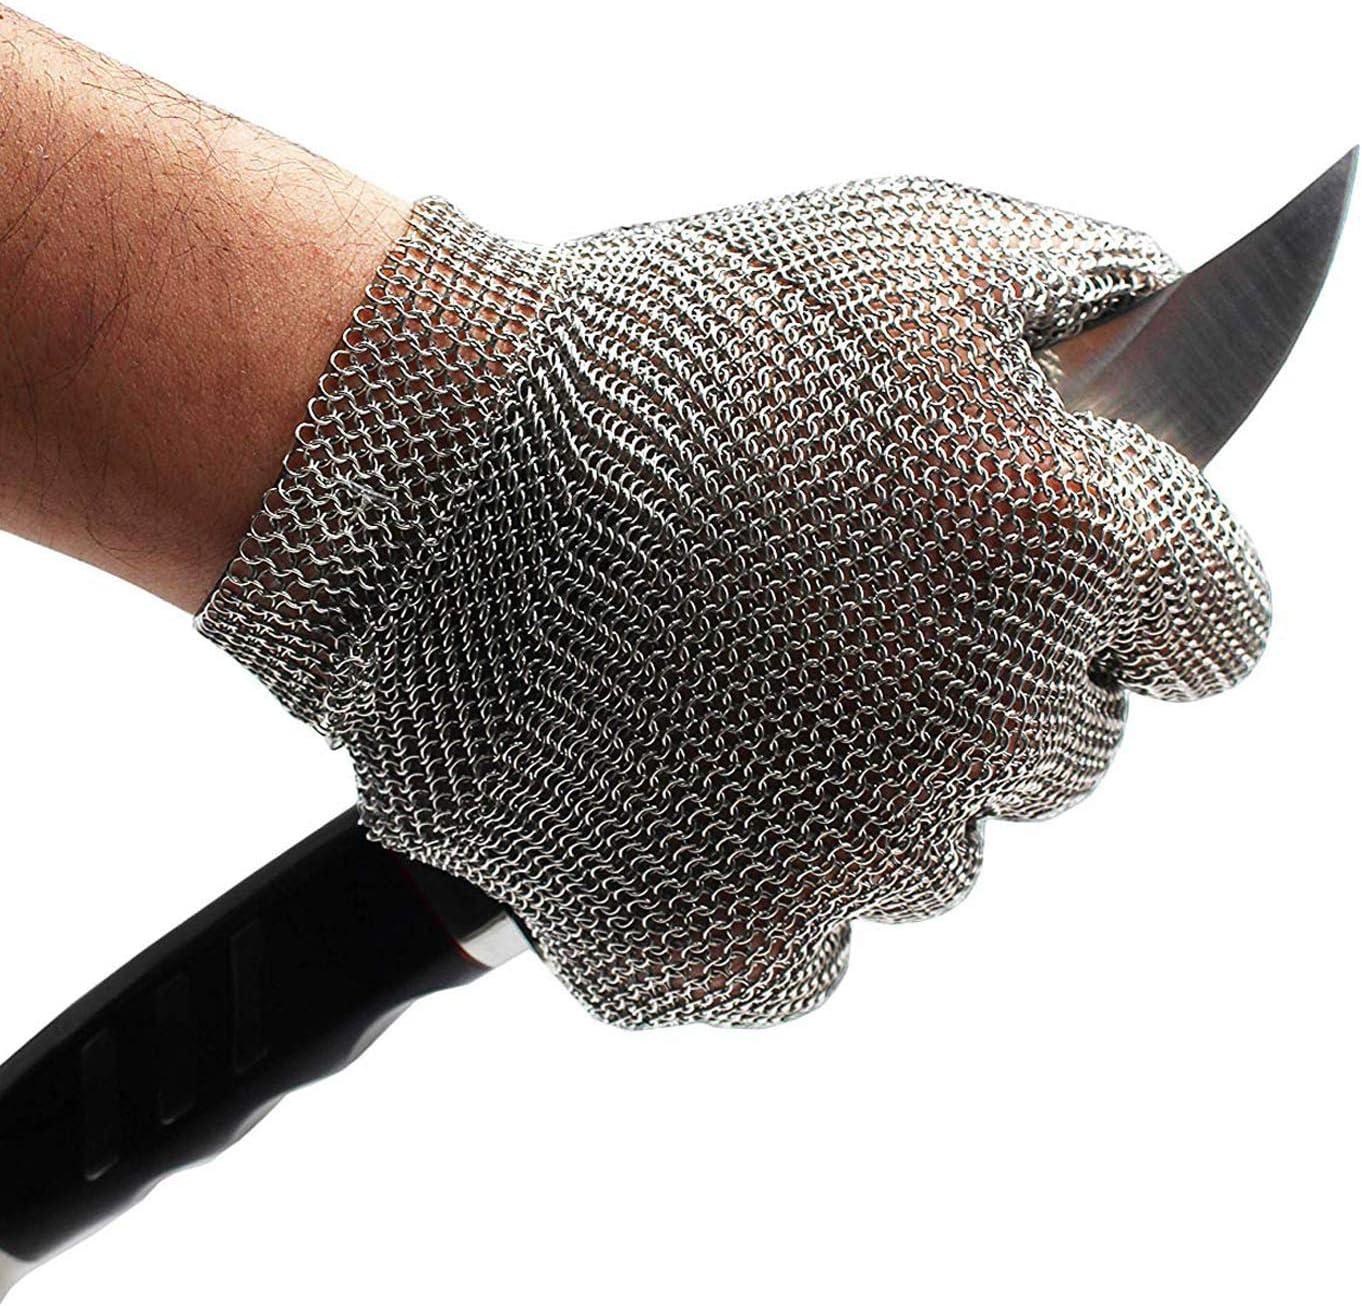 Amazon.com: Schwer - Guante de malla de acero inoxidable ...